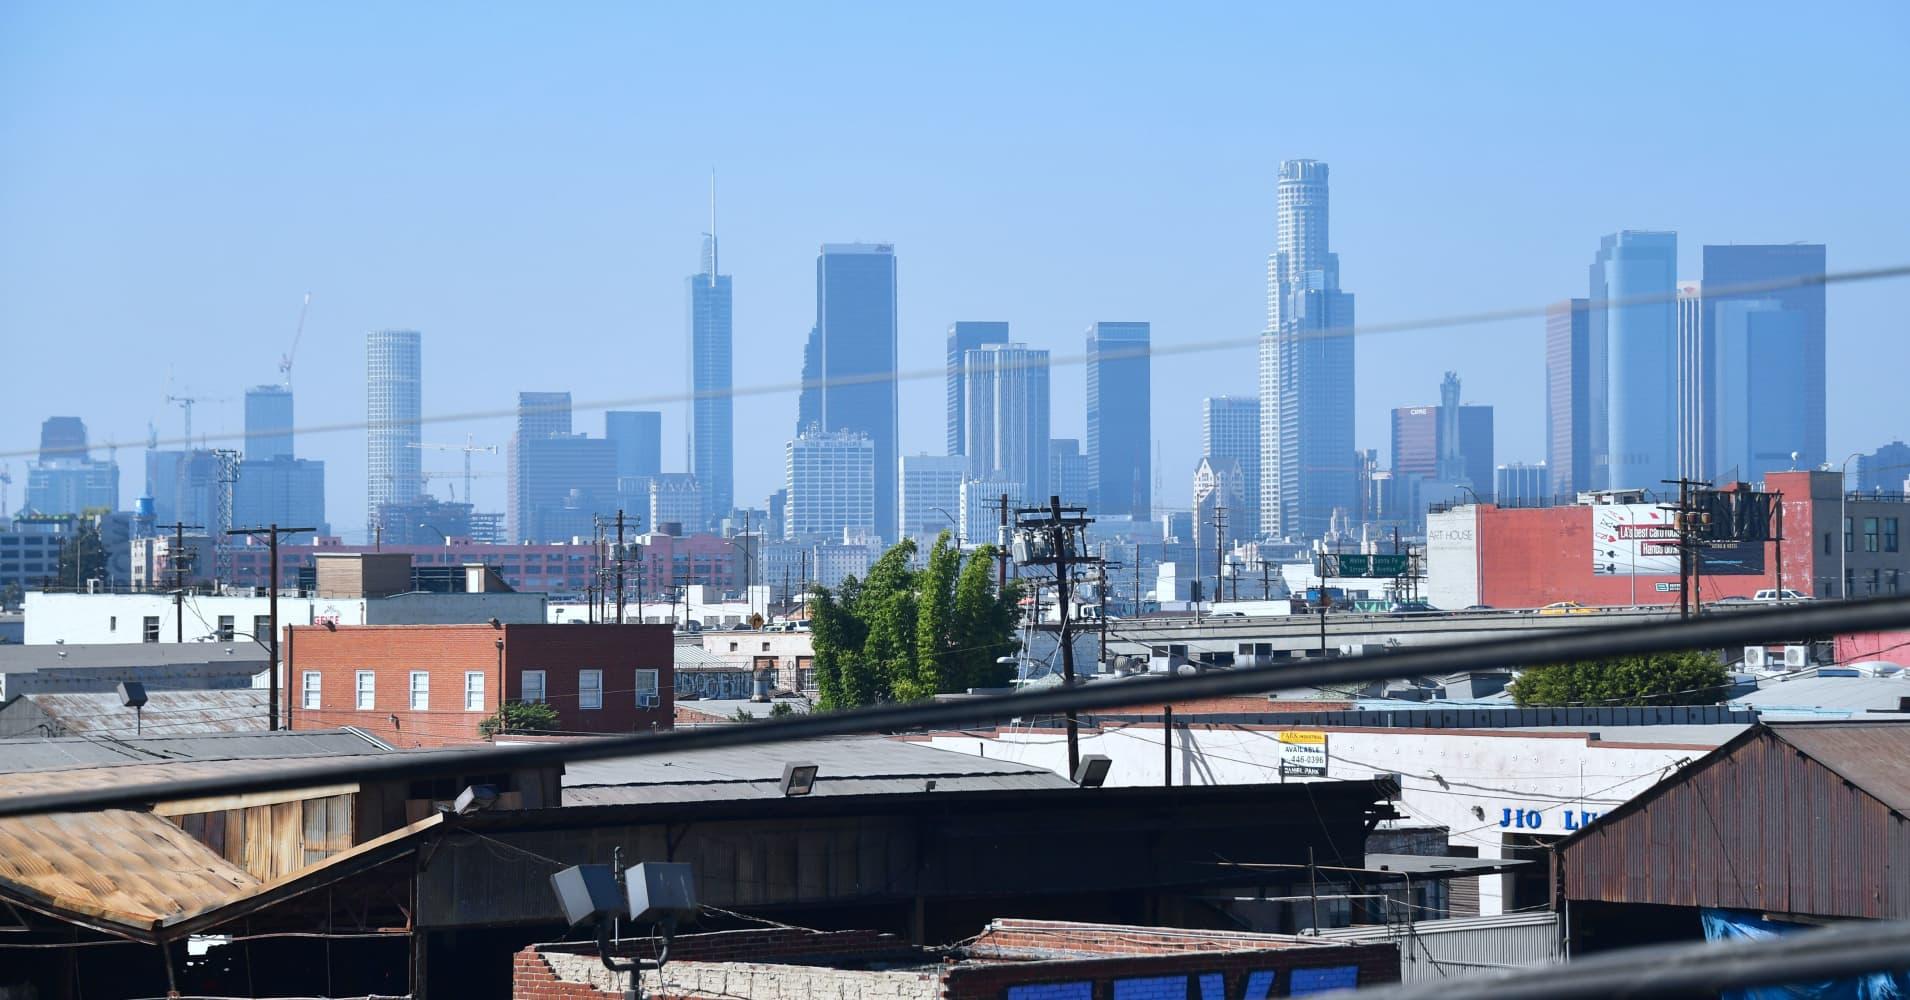 Los Angeles population shrinking, even as larger region still grows